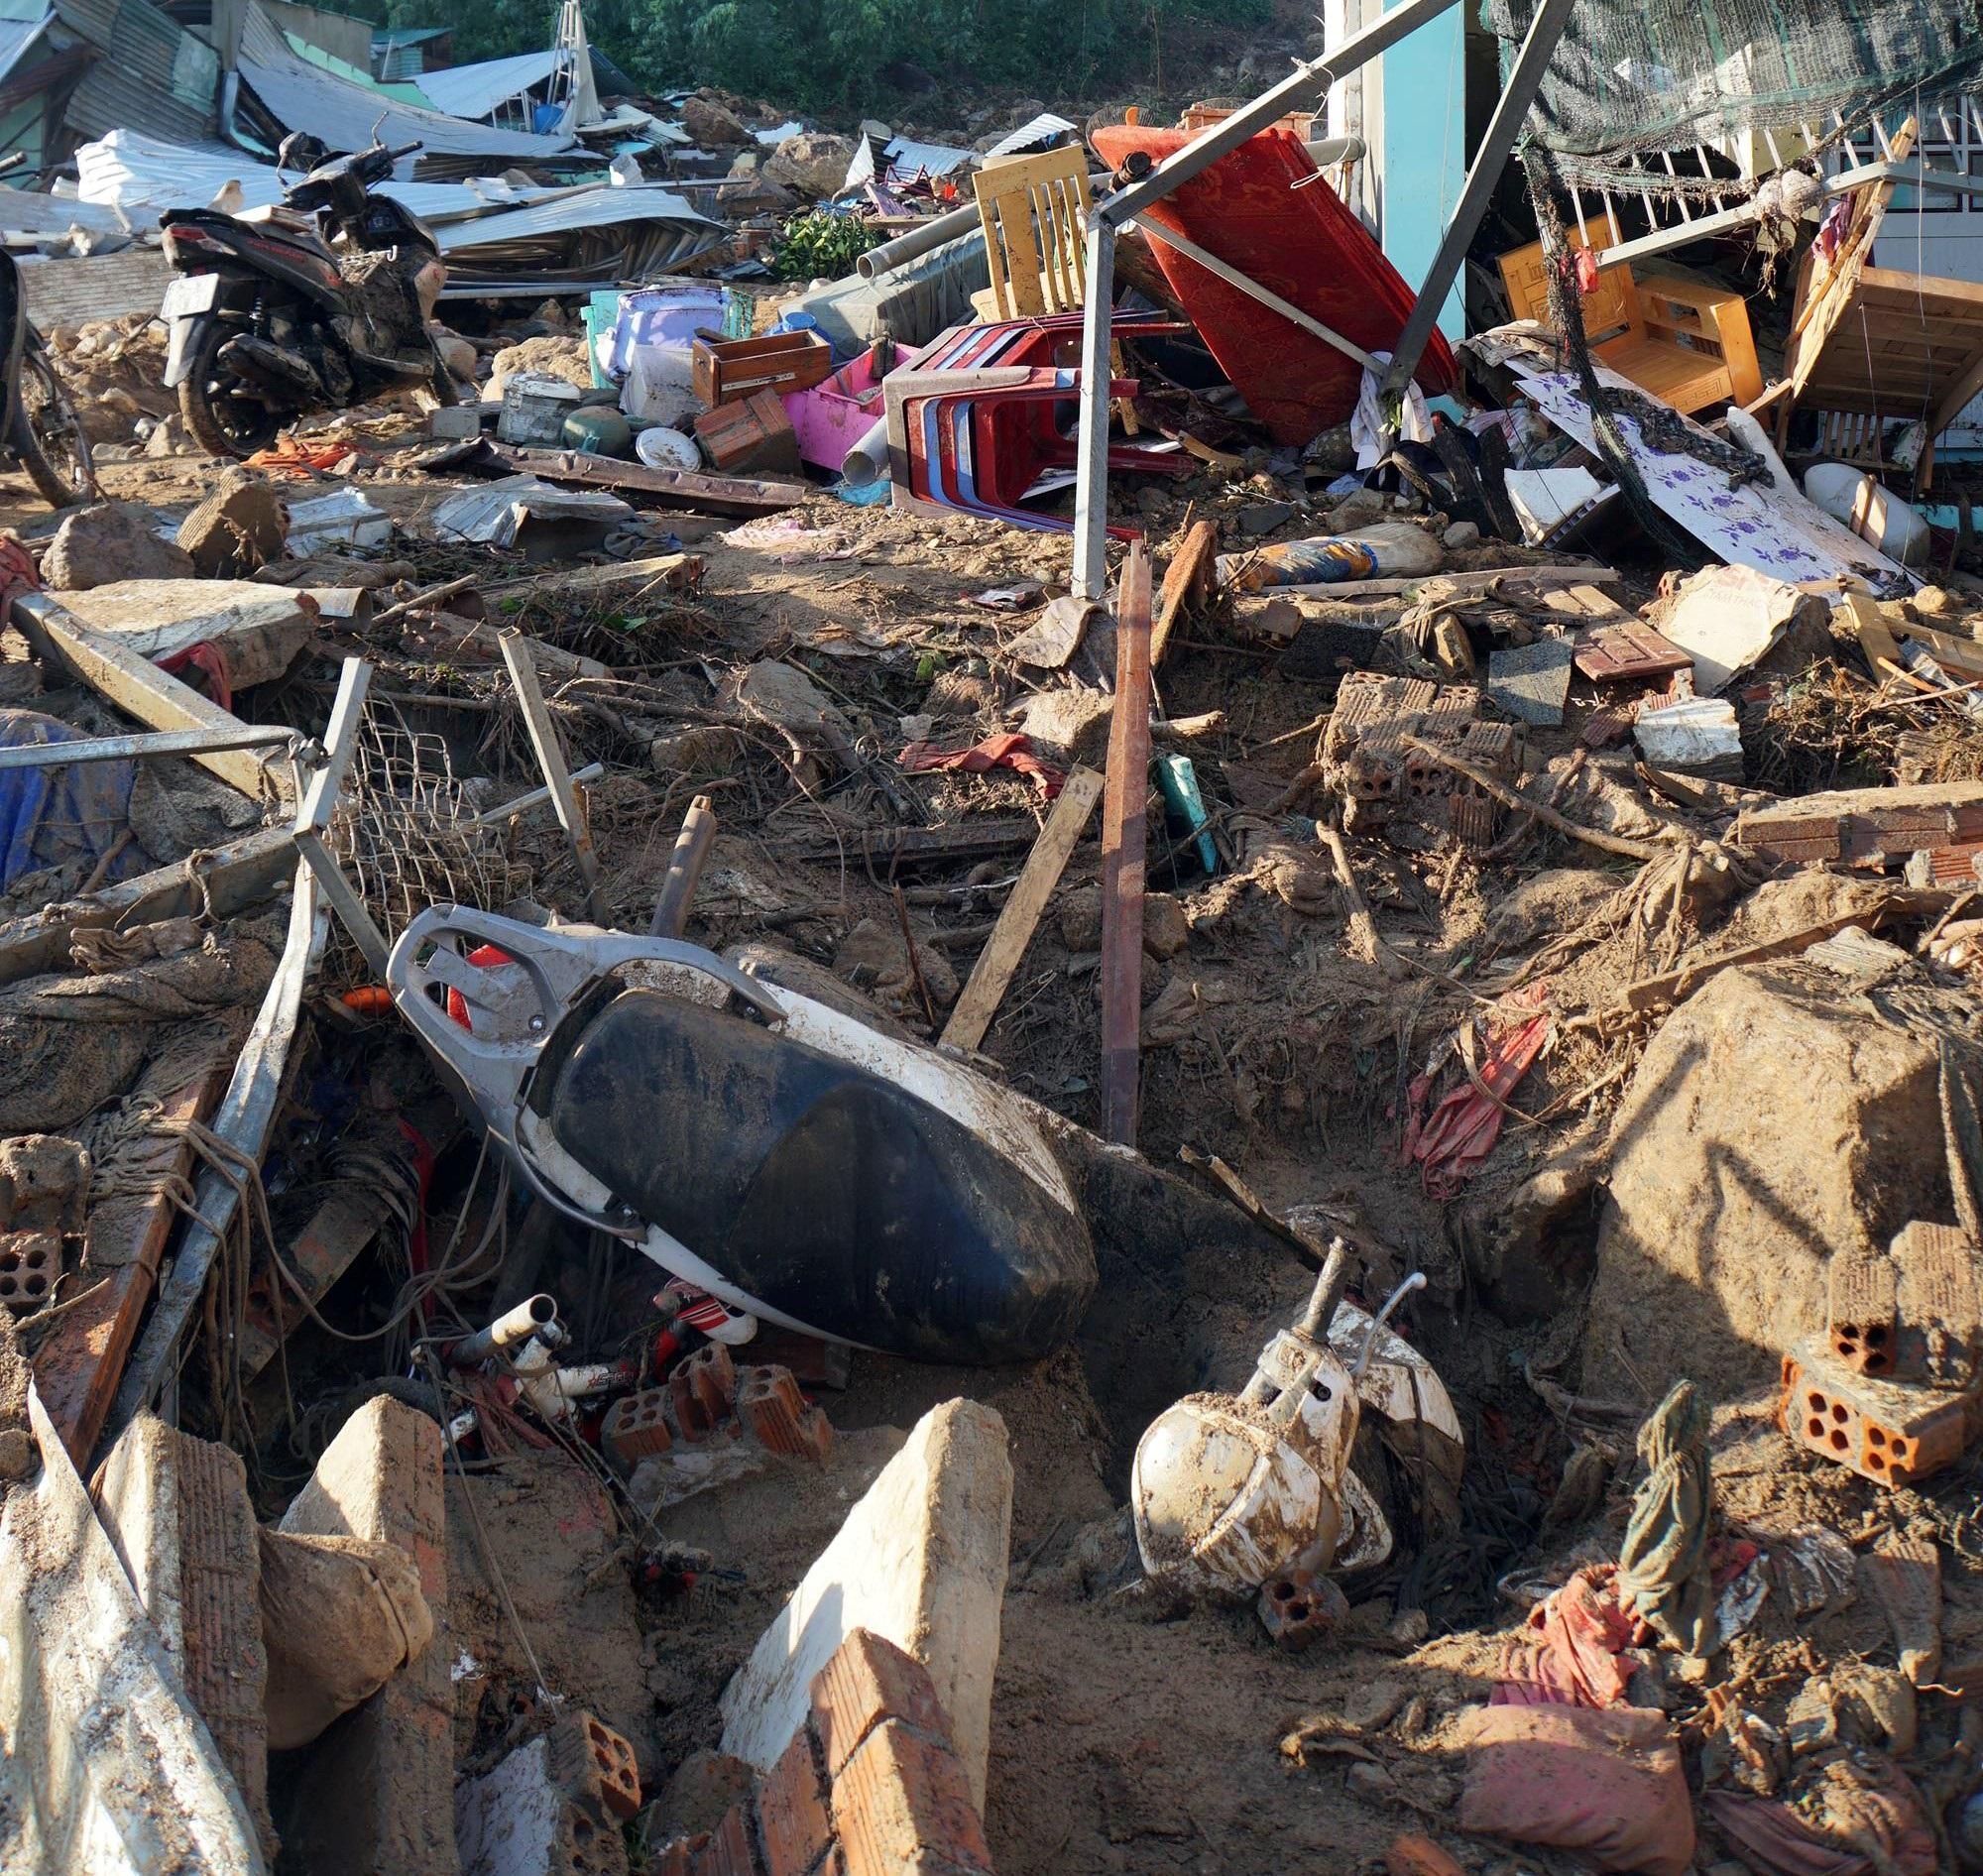 Thôn nghèo tan hoang, 5 người chết và mất tích sau cơn thịnh nộ của thiên nhiên - Ảnh 5